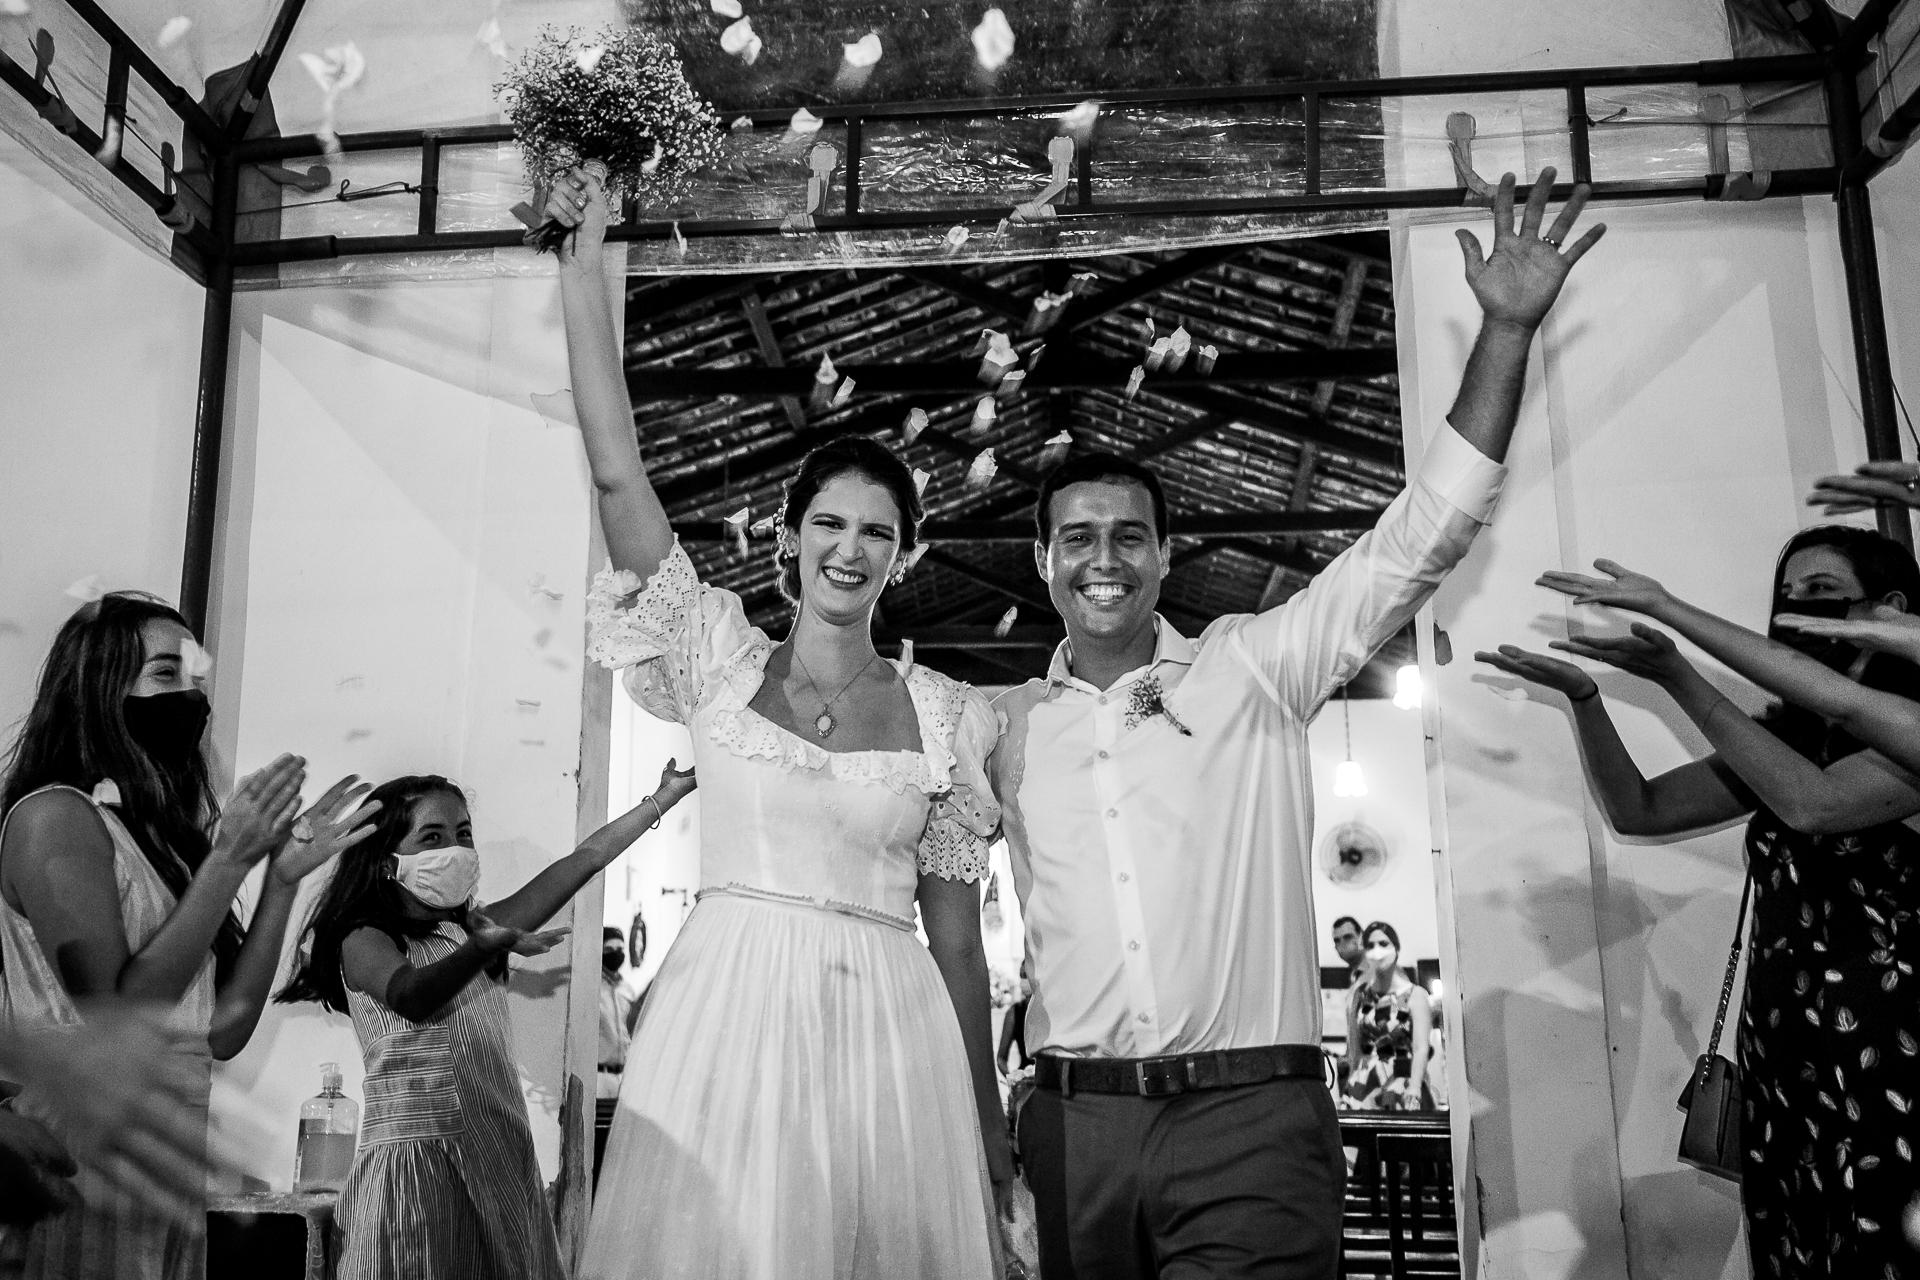 Image de célébrations de cérémonie de mariage - AL, Brésil | les invités lancent des pétales de fleurs en l'air pour célébrer